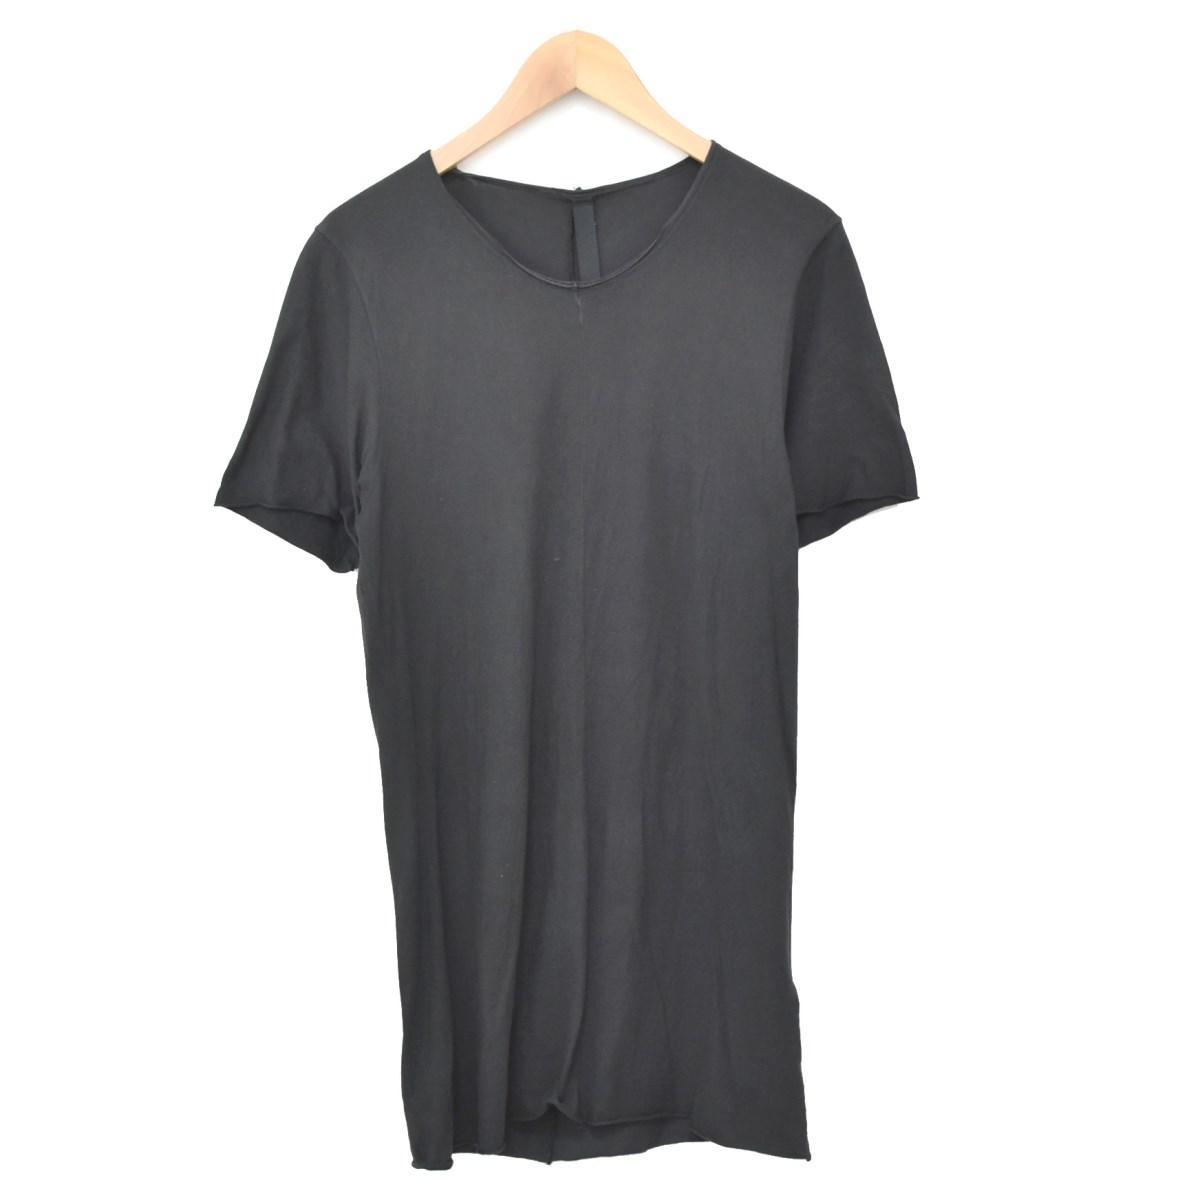 トップス, Tシャツ・カットソー POEME BOHEMIEN T 46 140520